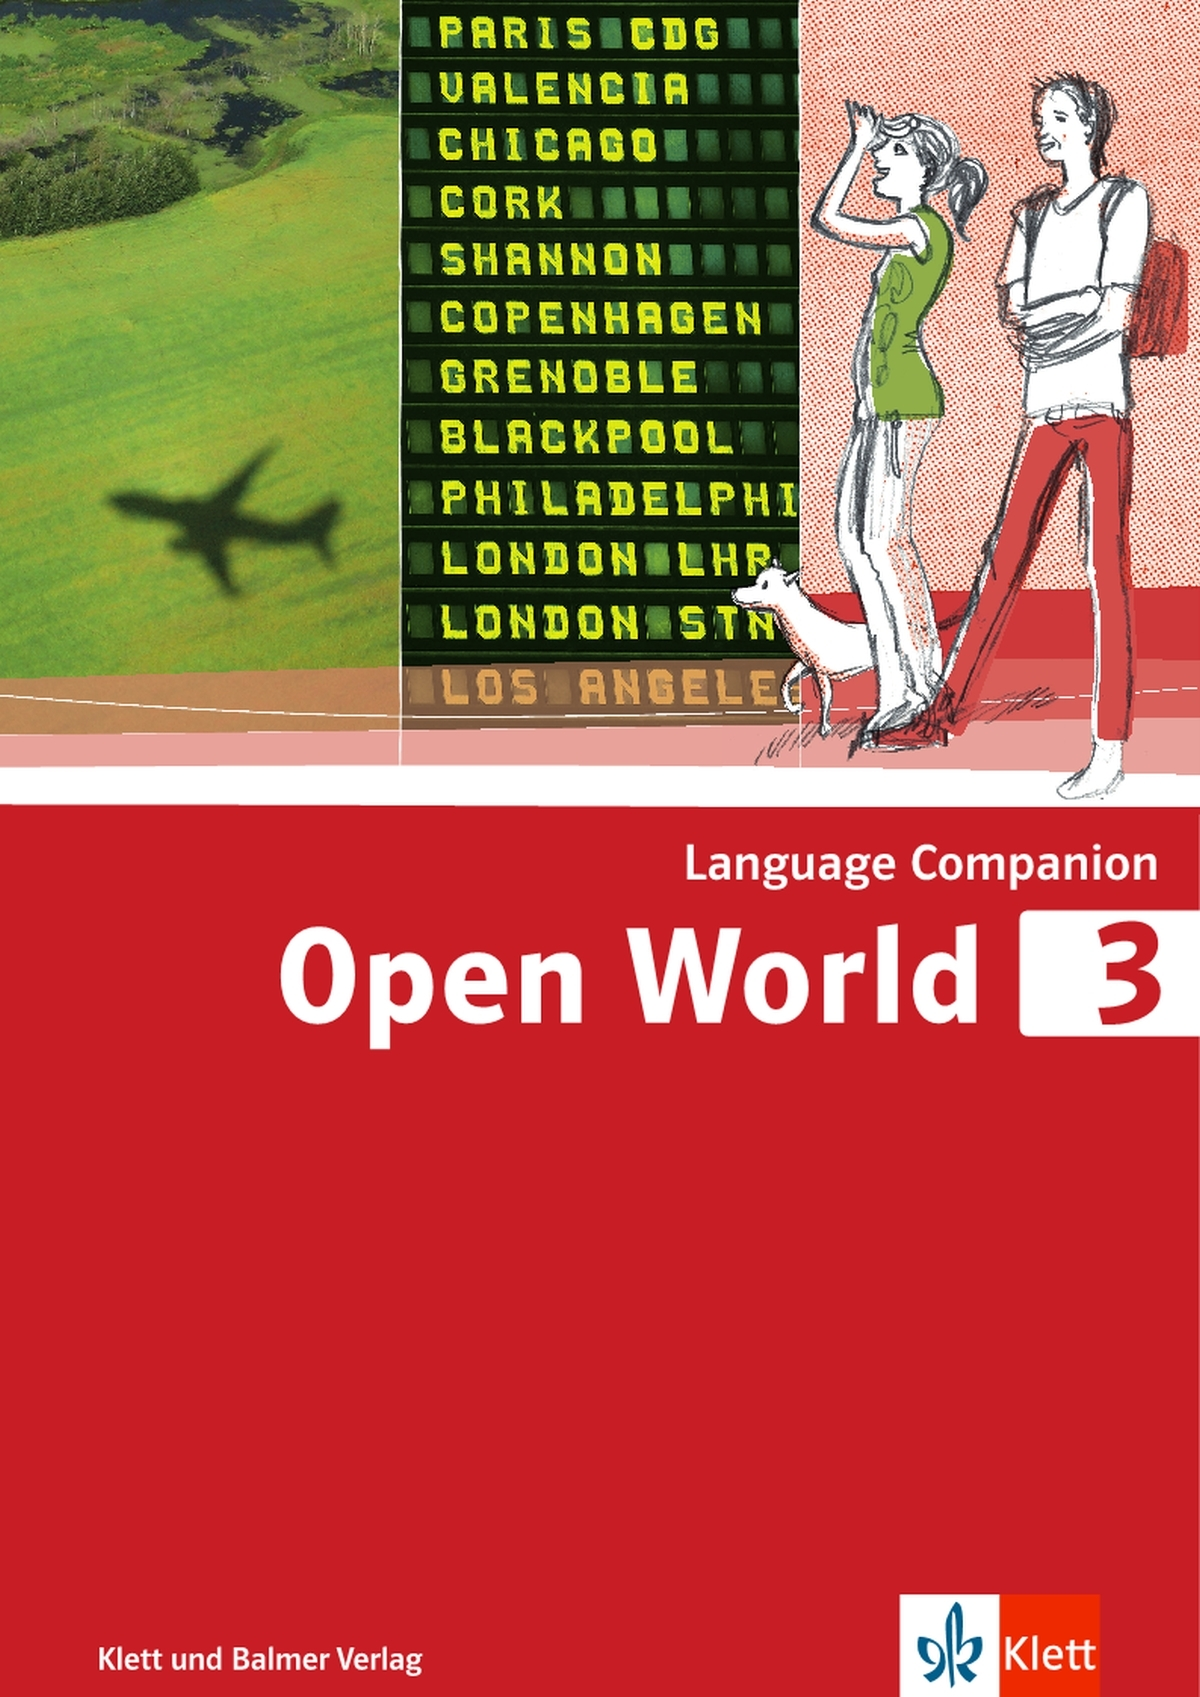 Language companion open world 3 978 3 264 84263 0 klett und balmer